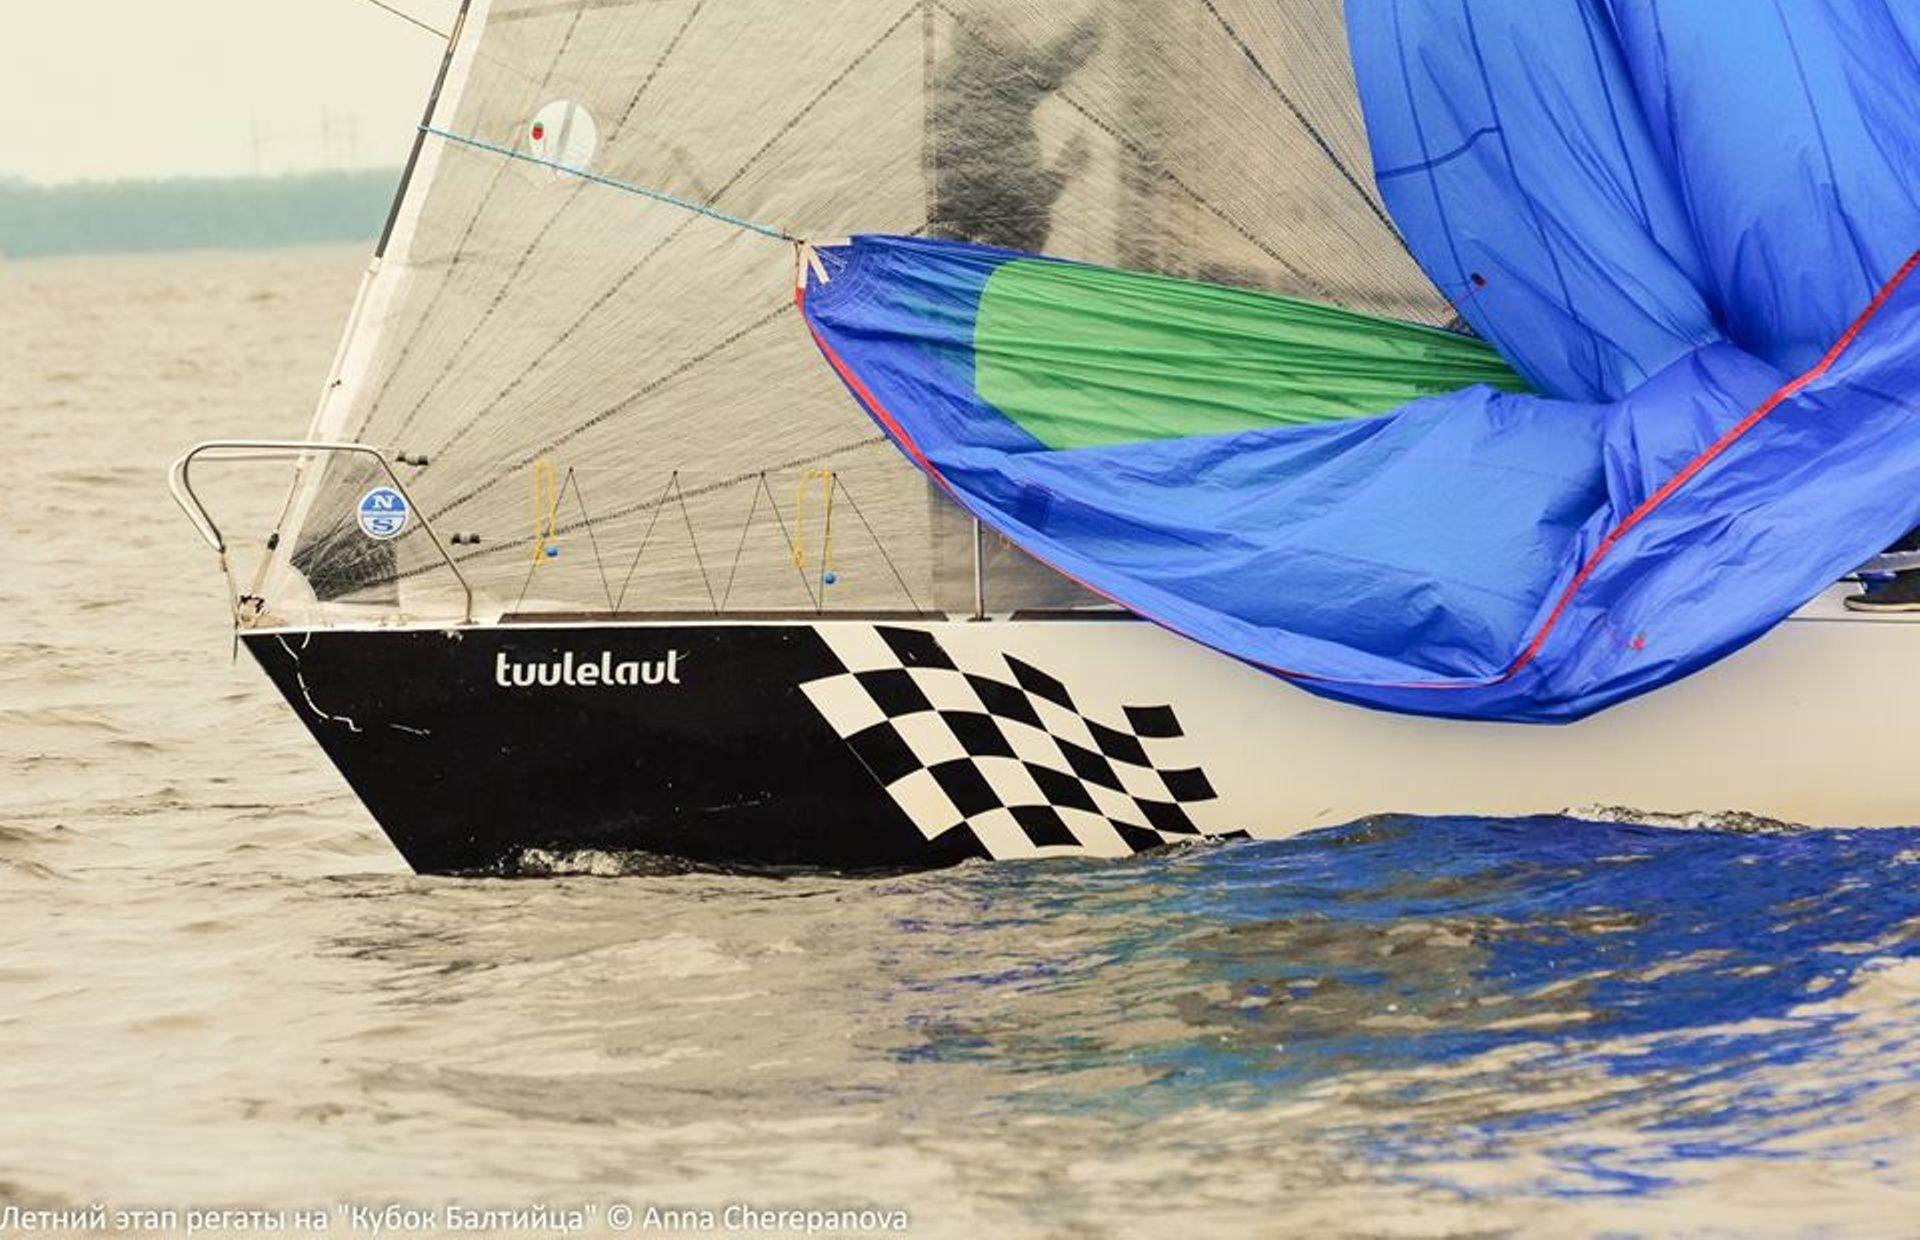 https://media.insailing.com/boat/tuulelaul-tuulelaul/image_1581498684495.jpg